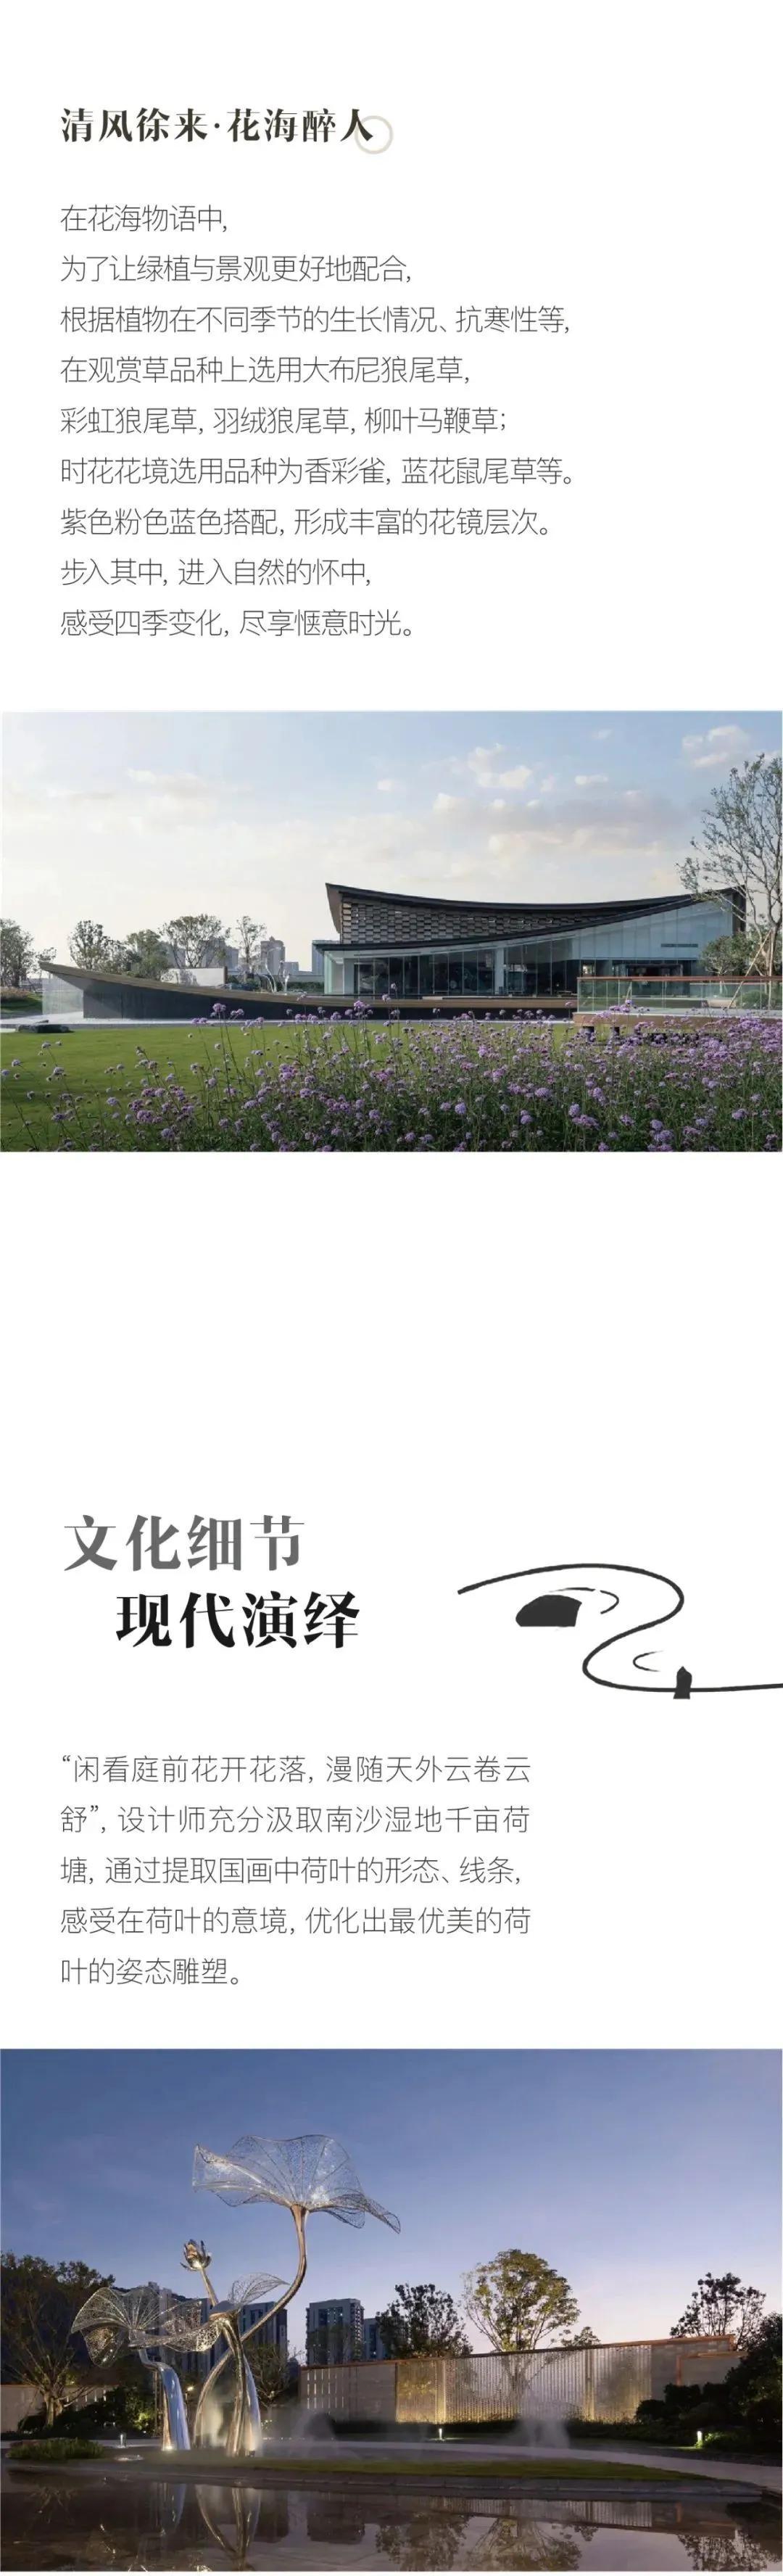 对话古今,岭南新语 | 广州南沙·十里方圆